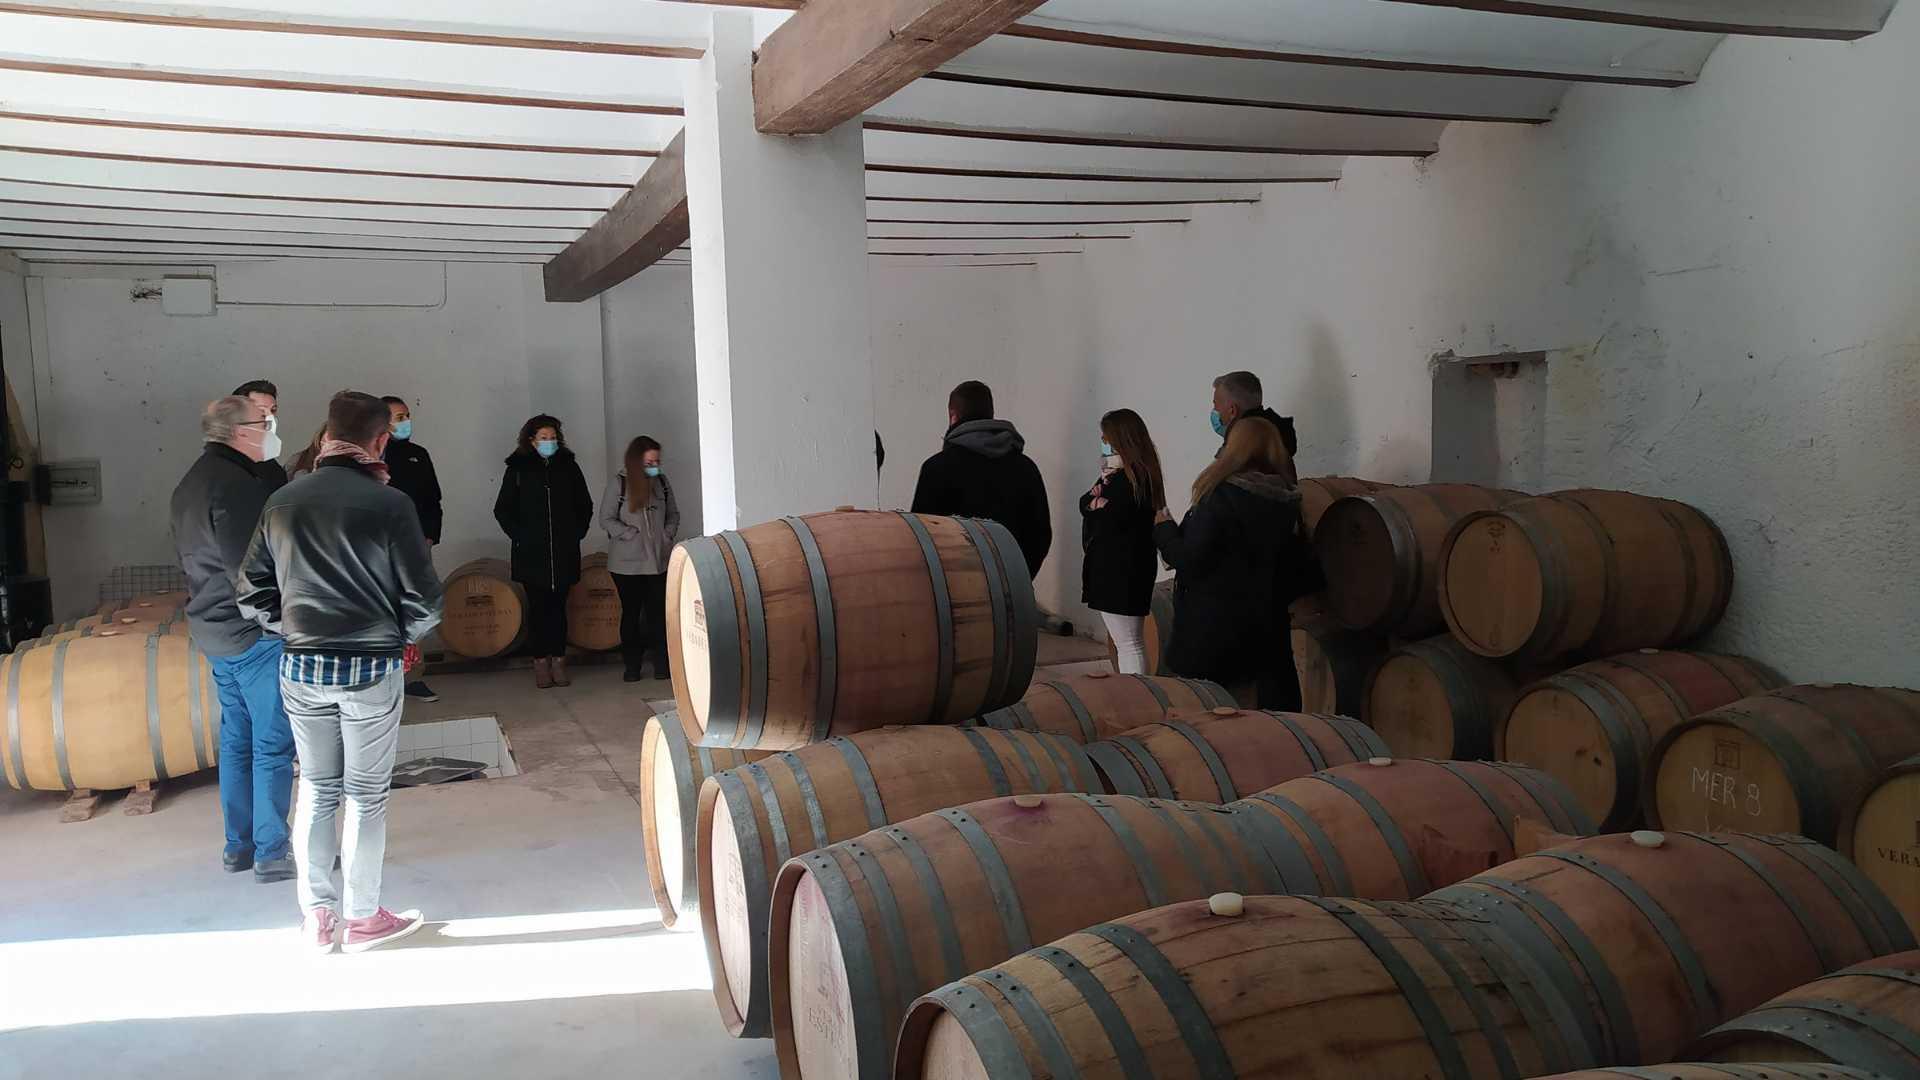 Visite à une bodega surprise avec dégustation de vins